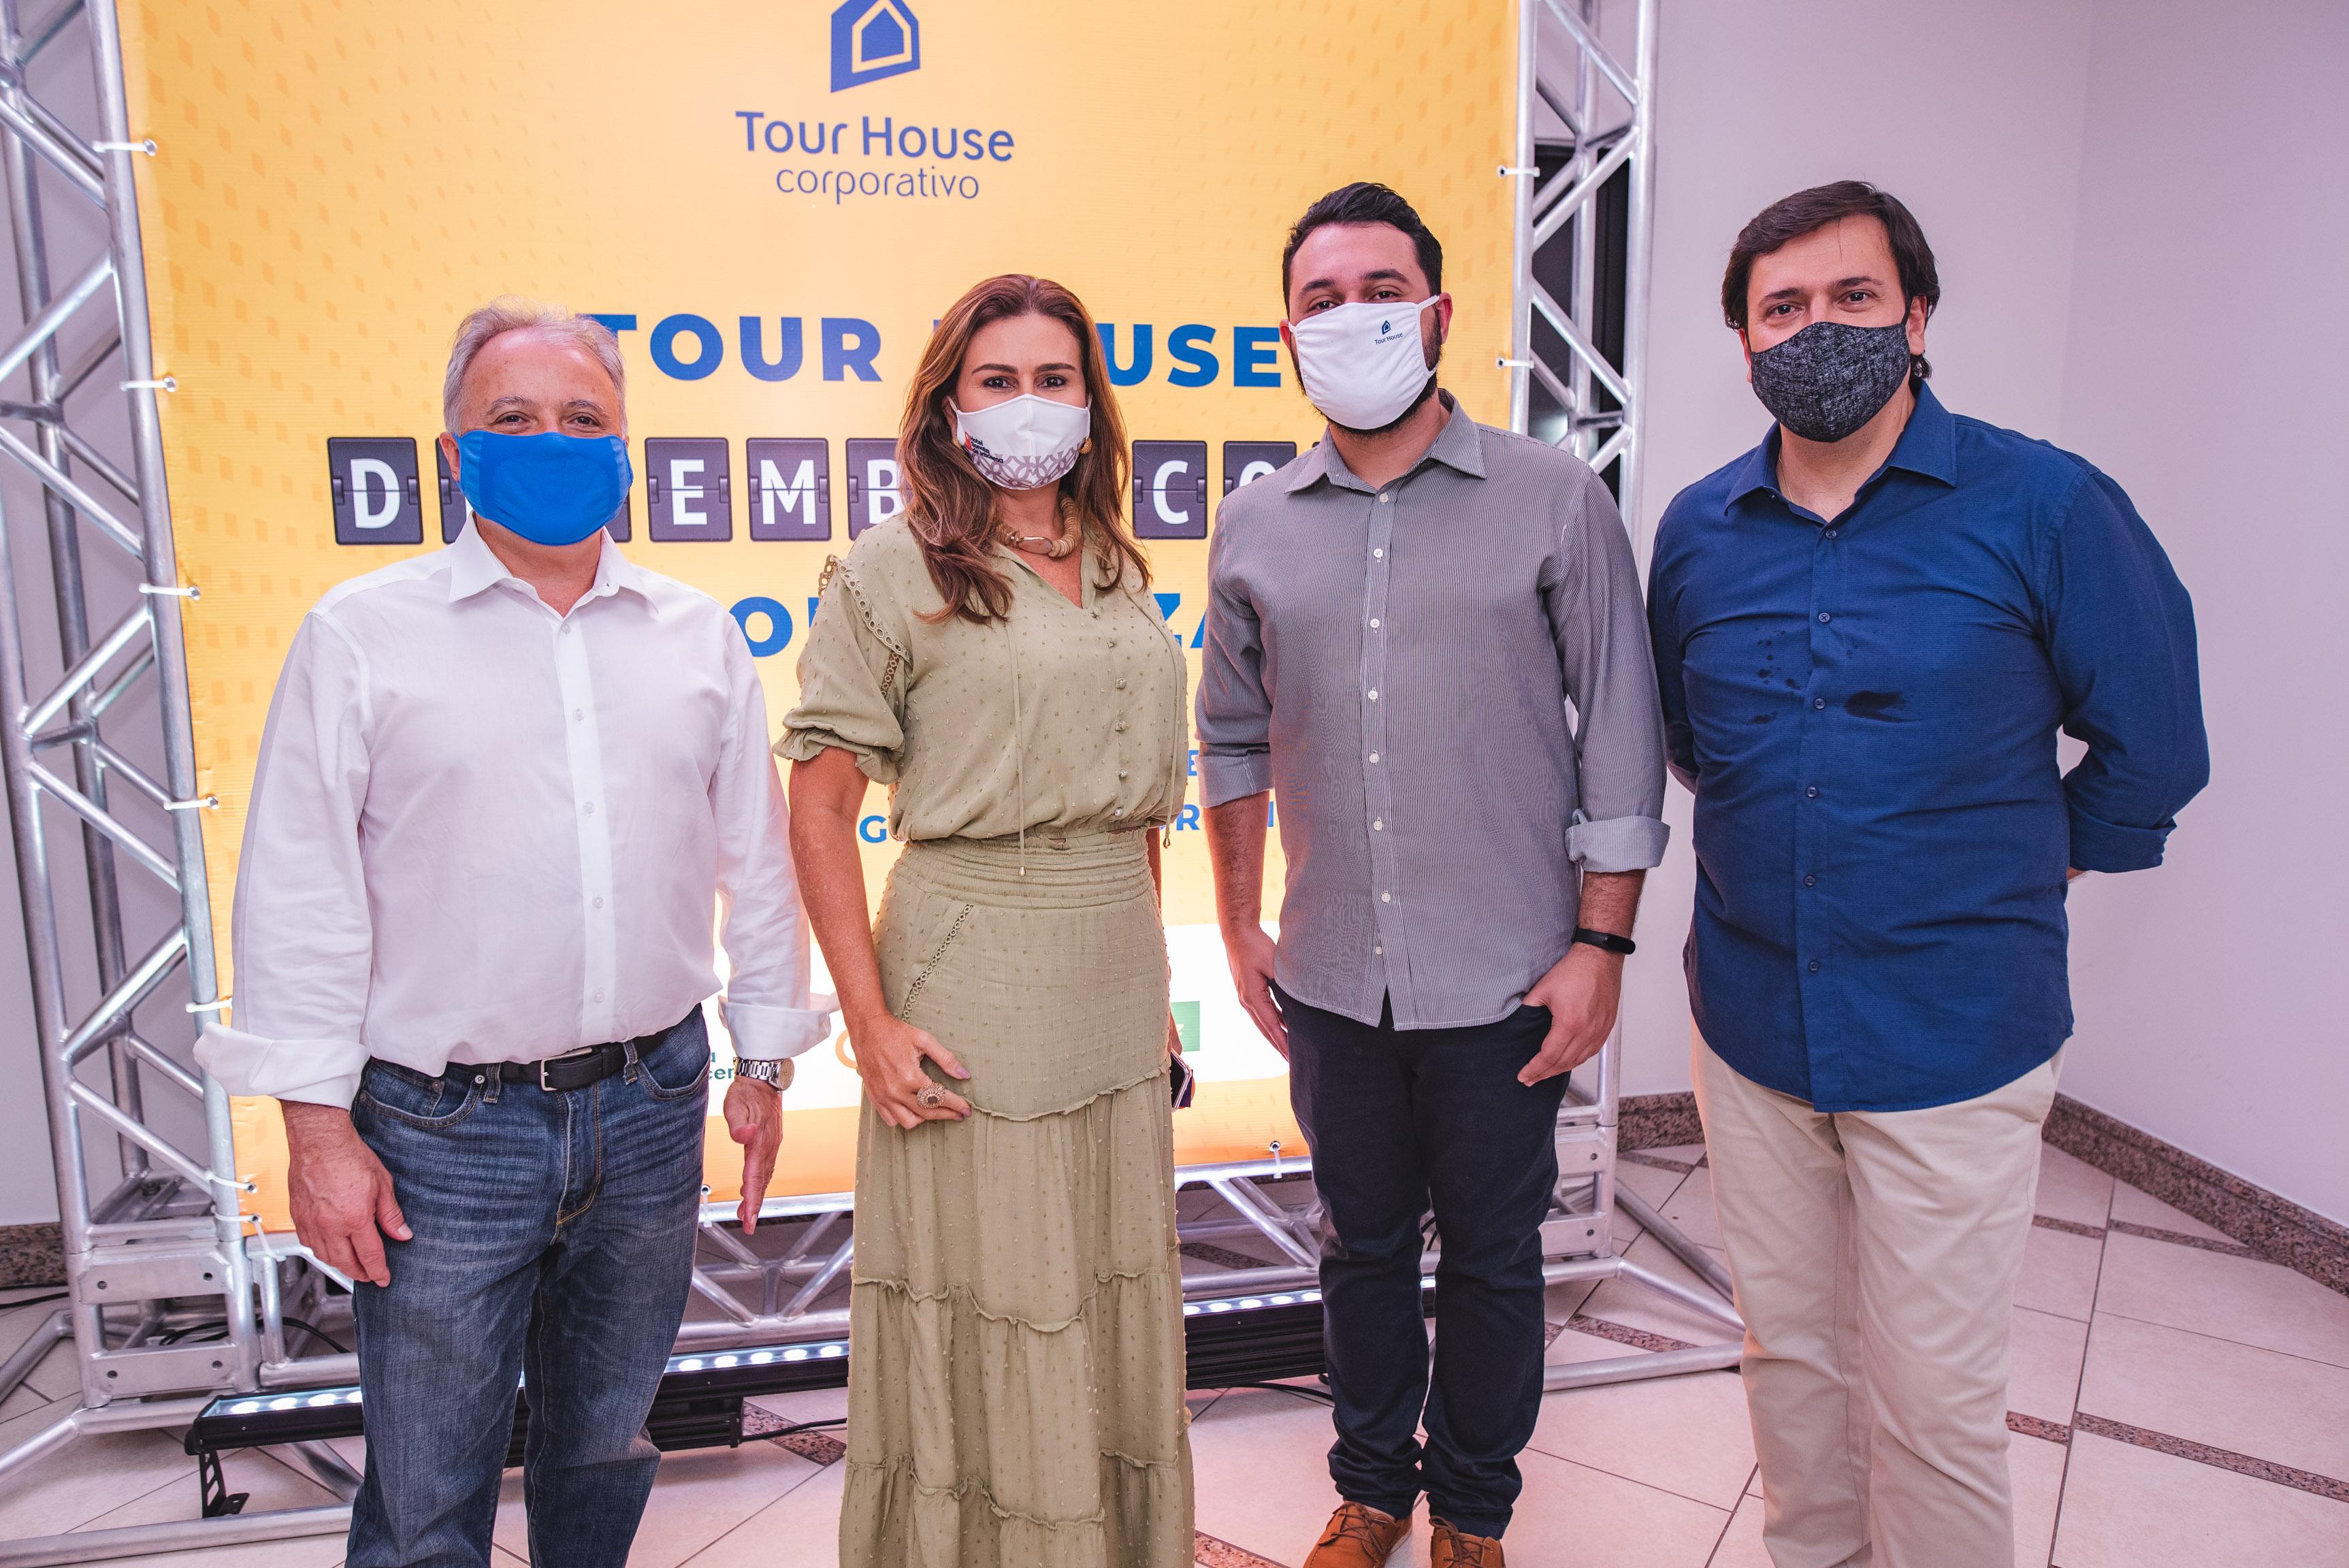 Grupo Tour House celebra o start de suas operações em Fortaleza com evento no Sonata de Iracema